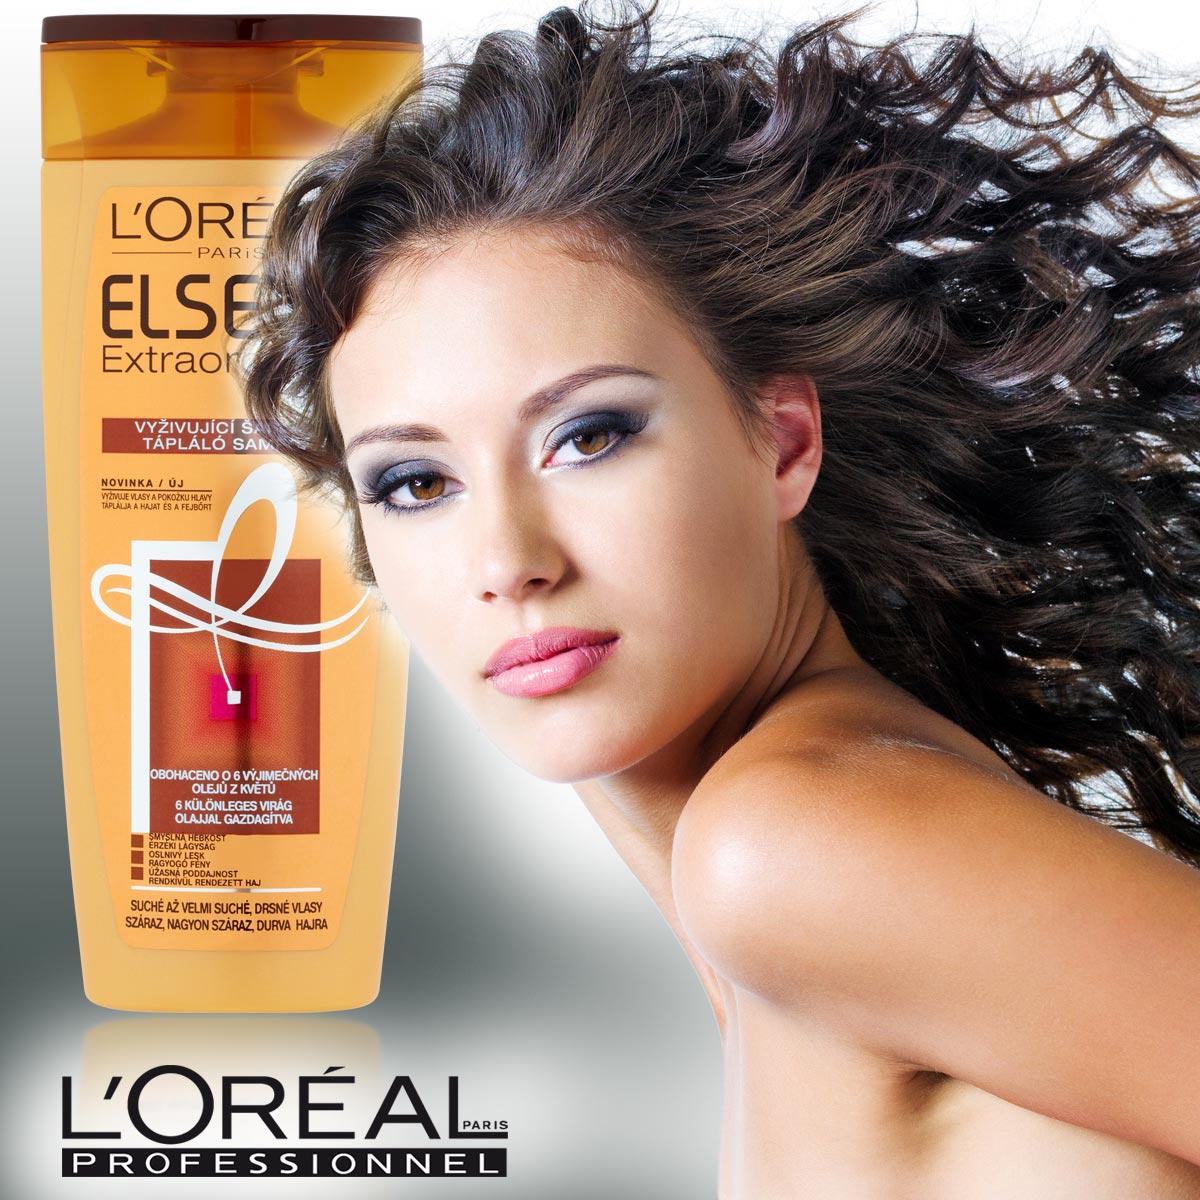 Suché vlasy jsou trápení. Pomůže šampon pro suché vlasy? Vyzkoušela jsem novinku od – L'Oréal ParisElseve Extraordinary Oil.